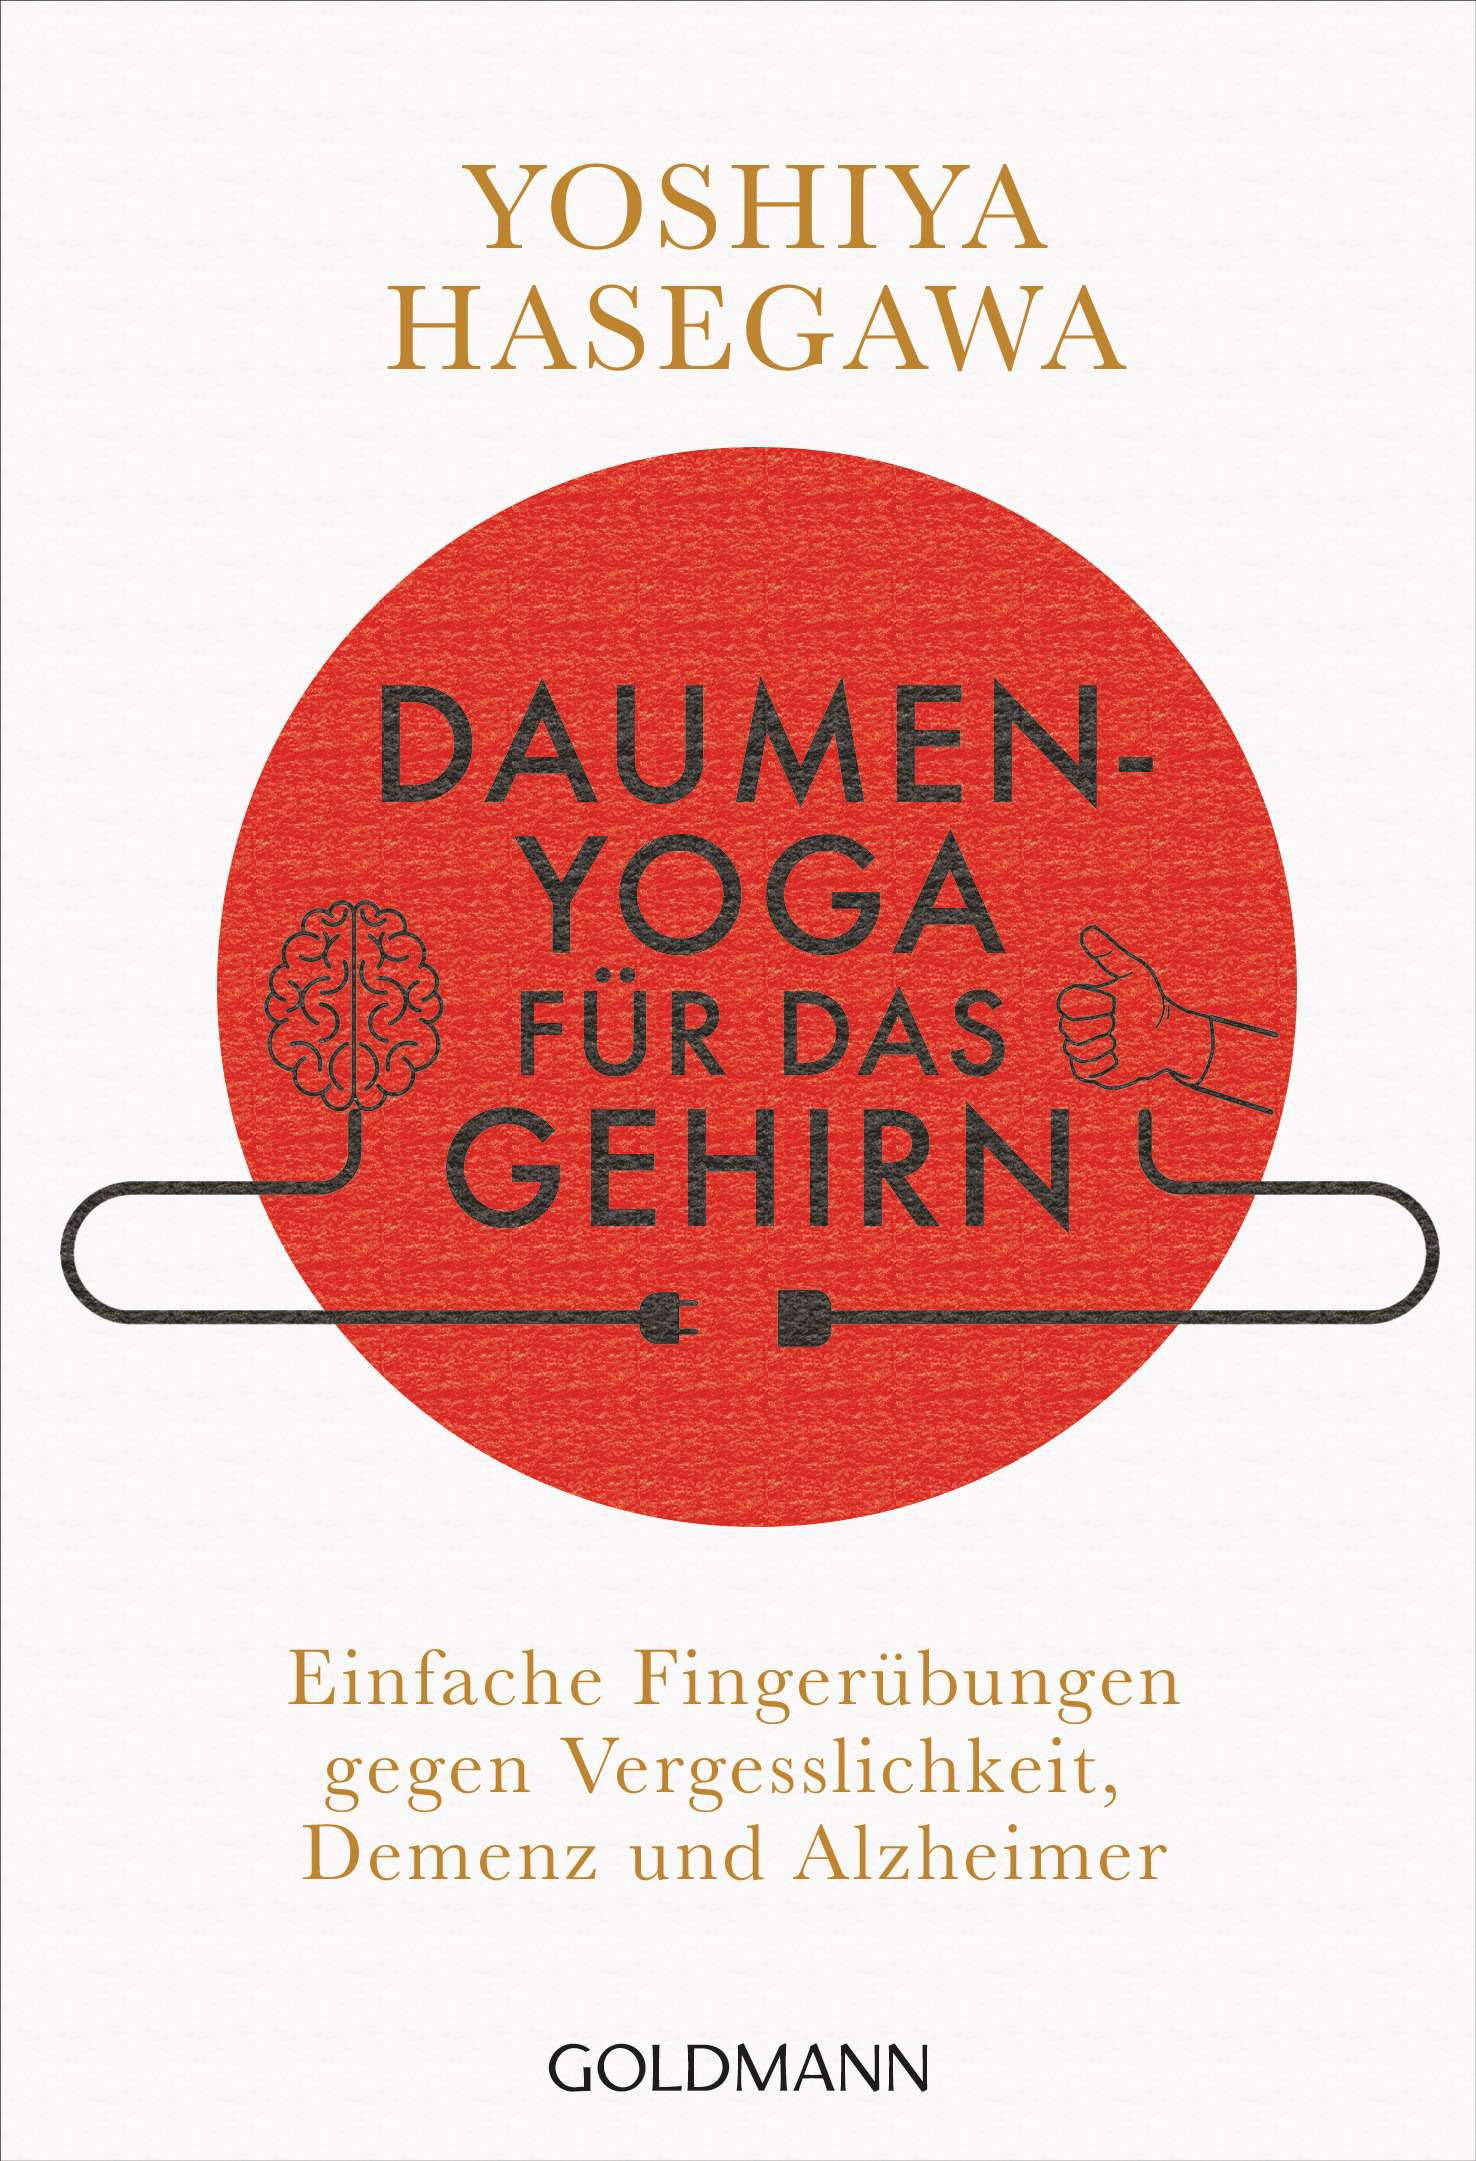 """""""Daumen-Yoga für das Gehirn"""" von Yoshiya Hasegawa © Goldmann Yogannetteblog.de"""